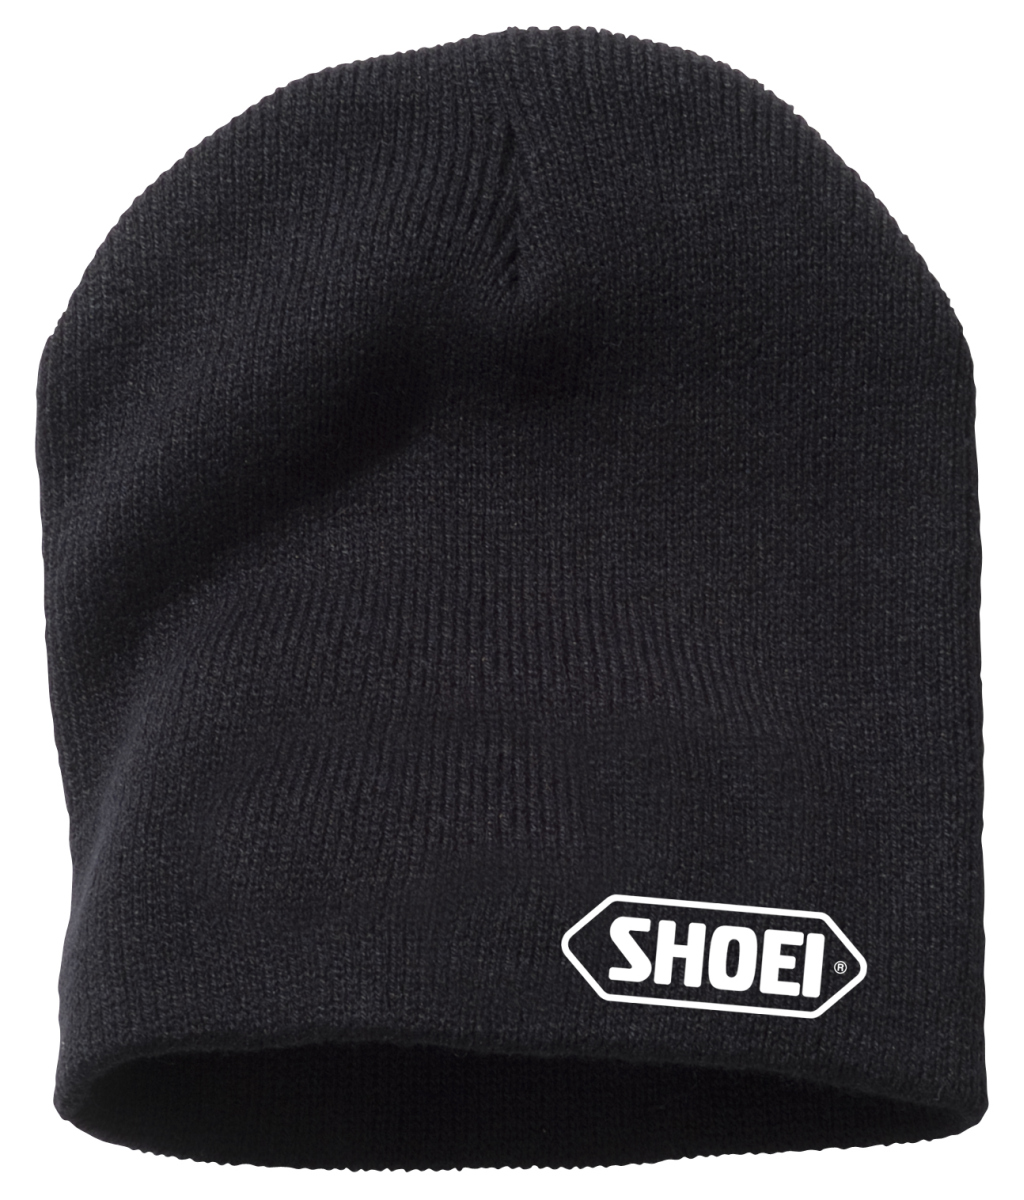 Shoei Logo Beanie Cap